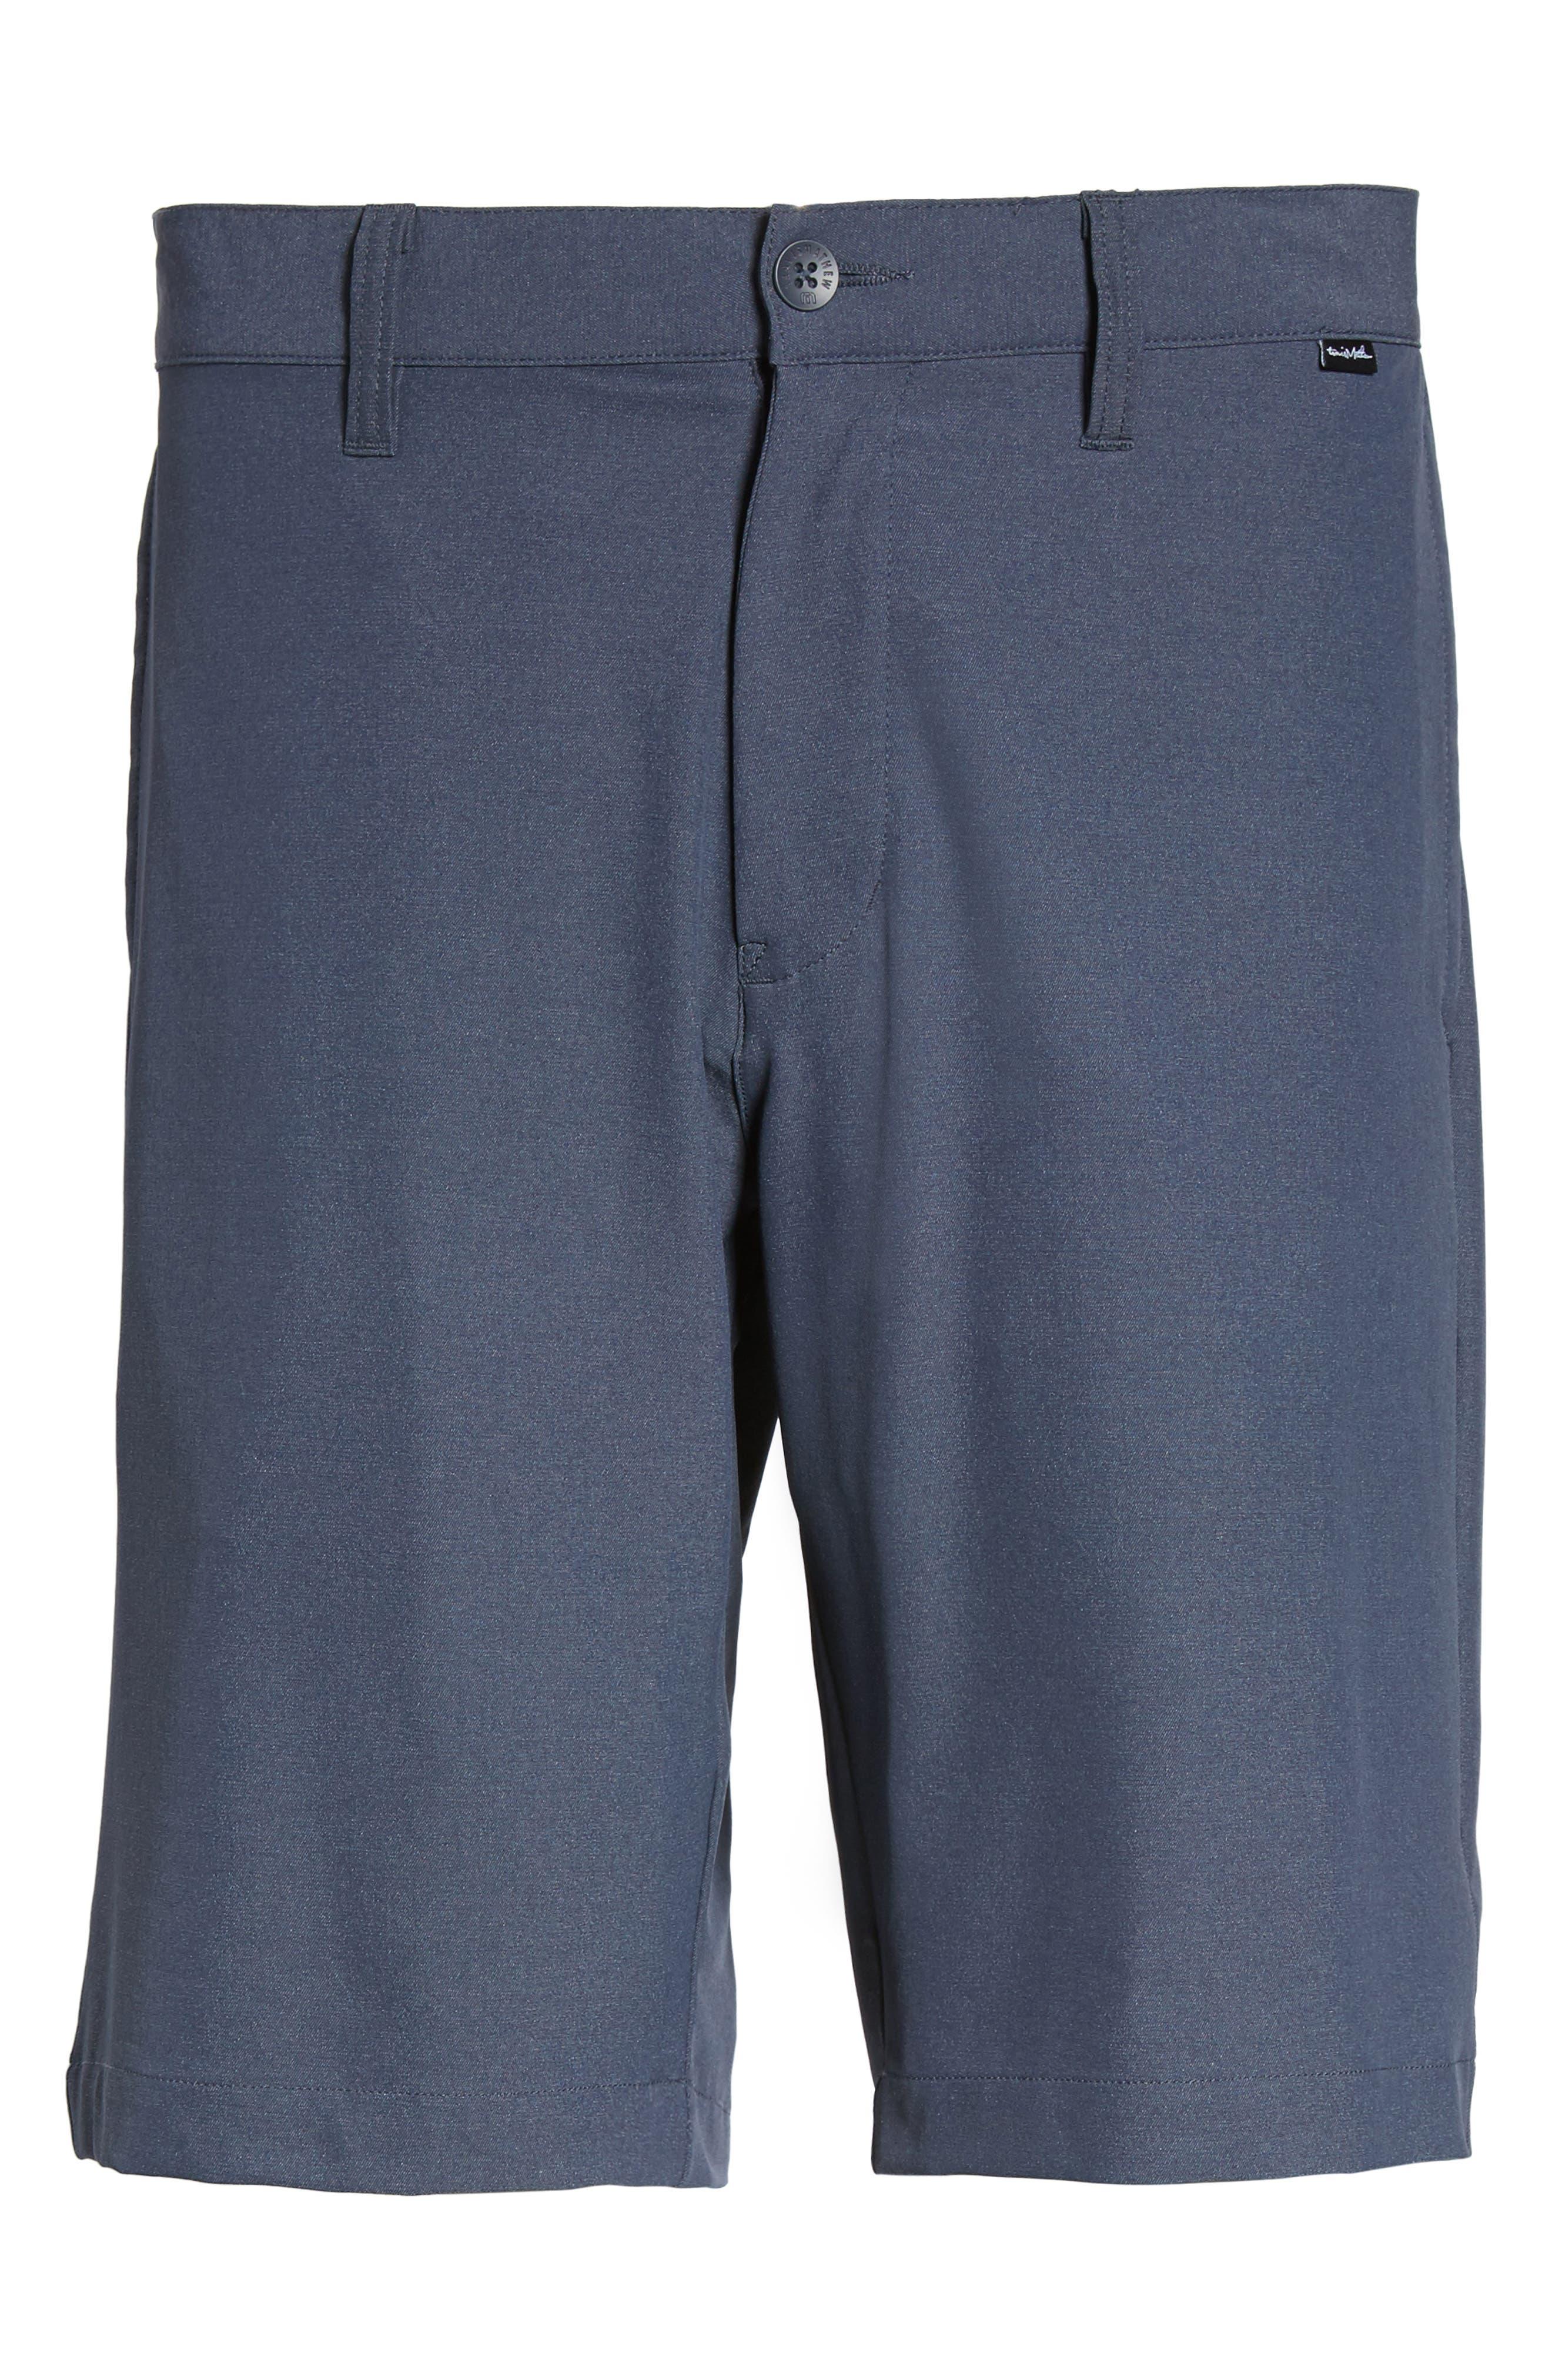 Templeton Shorts,                             Alternate thumbnail 6, color,